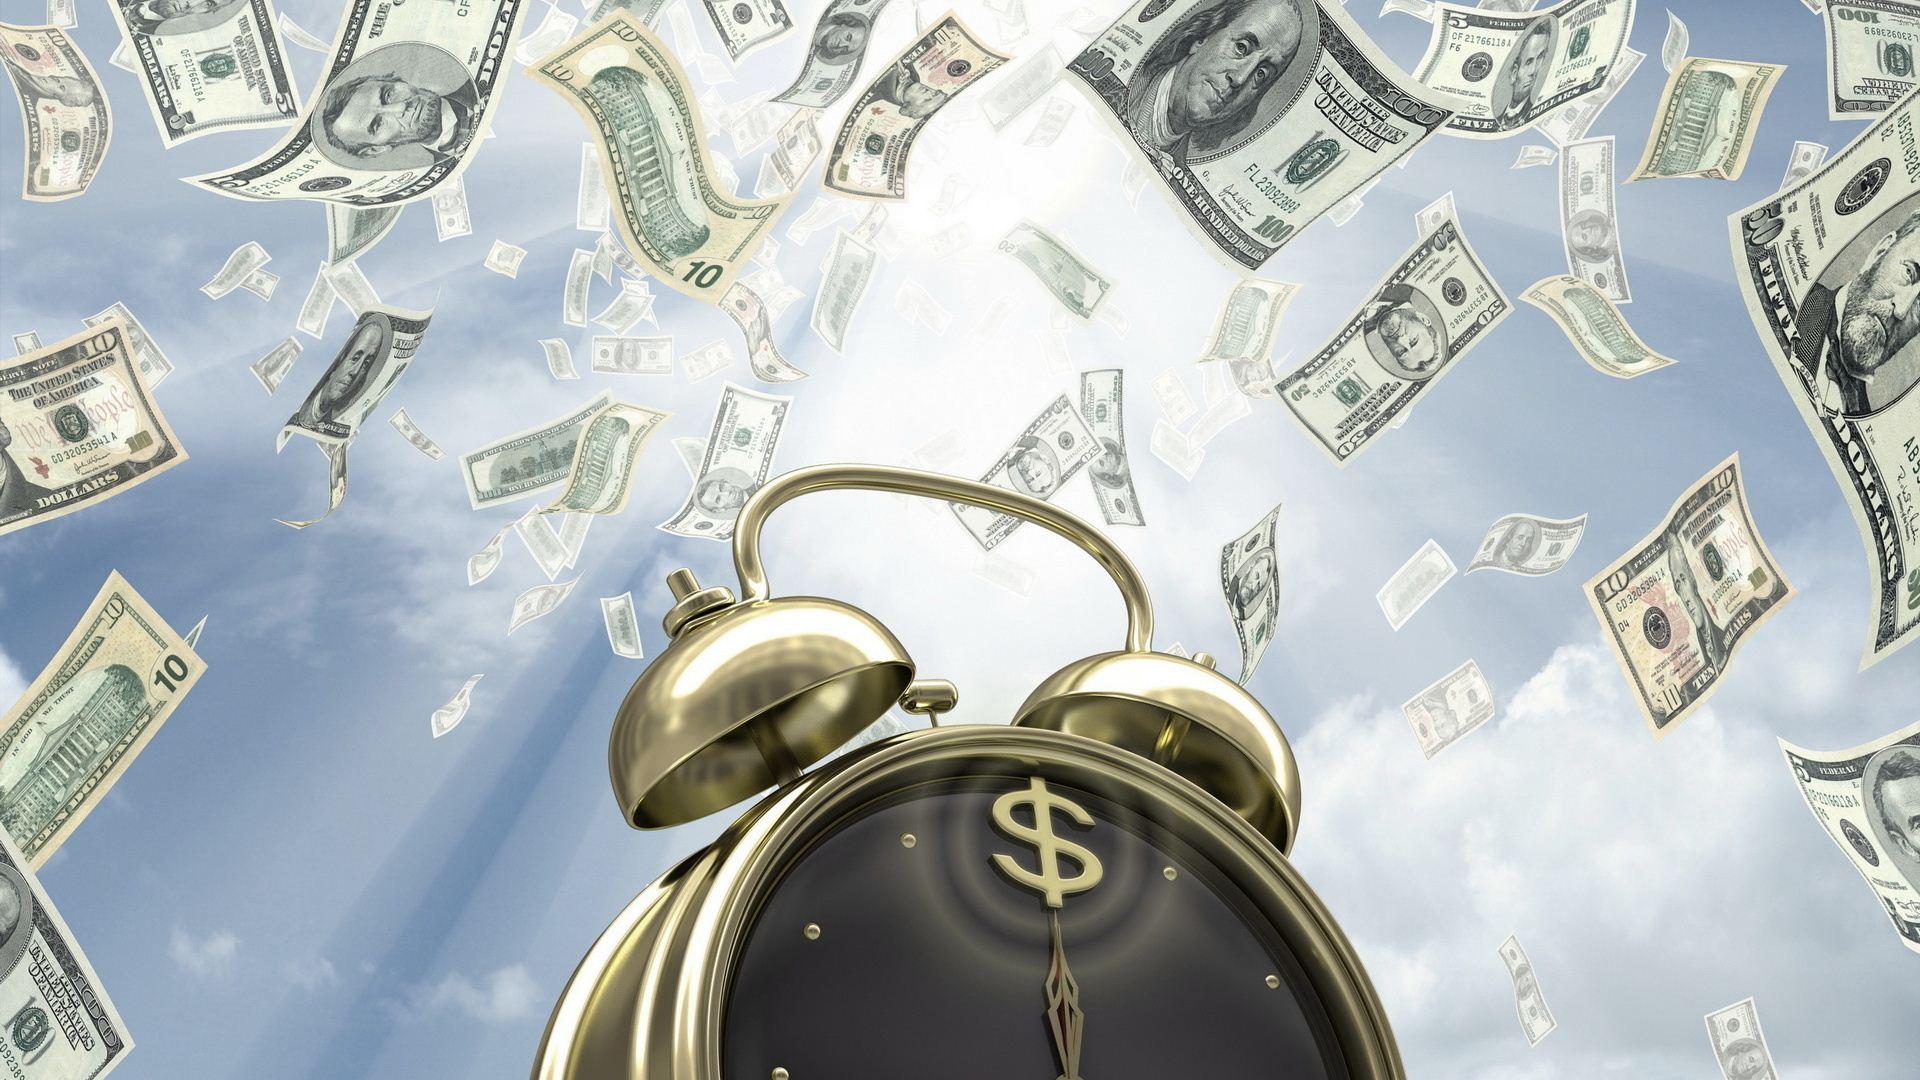 Vai esat piesaistīts savam darbam naudas dēļ?